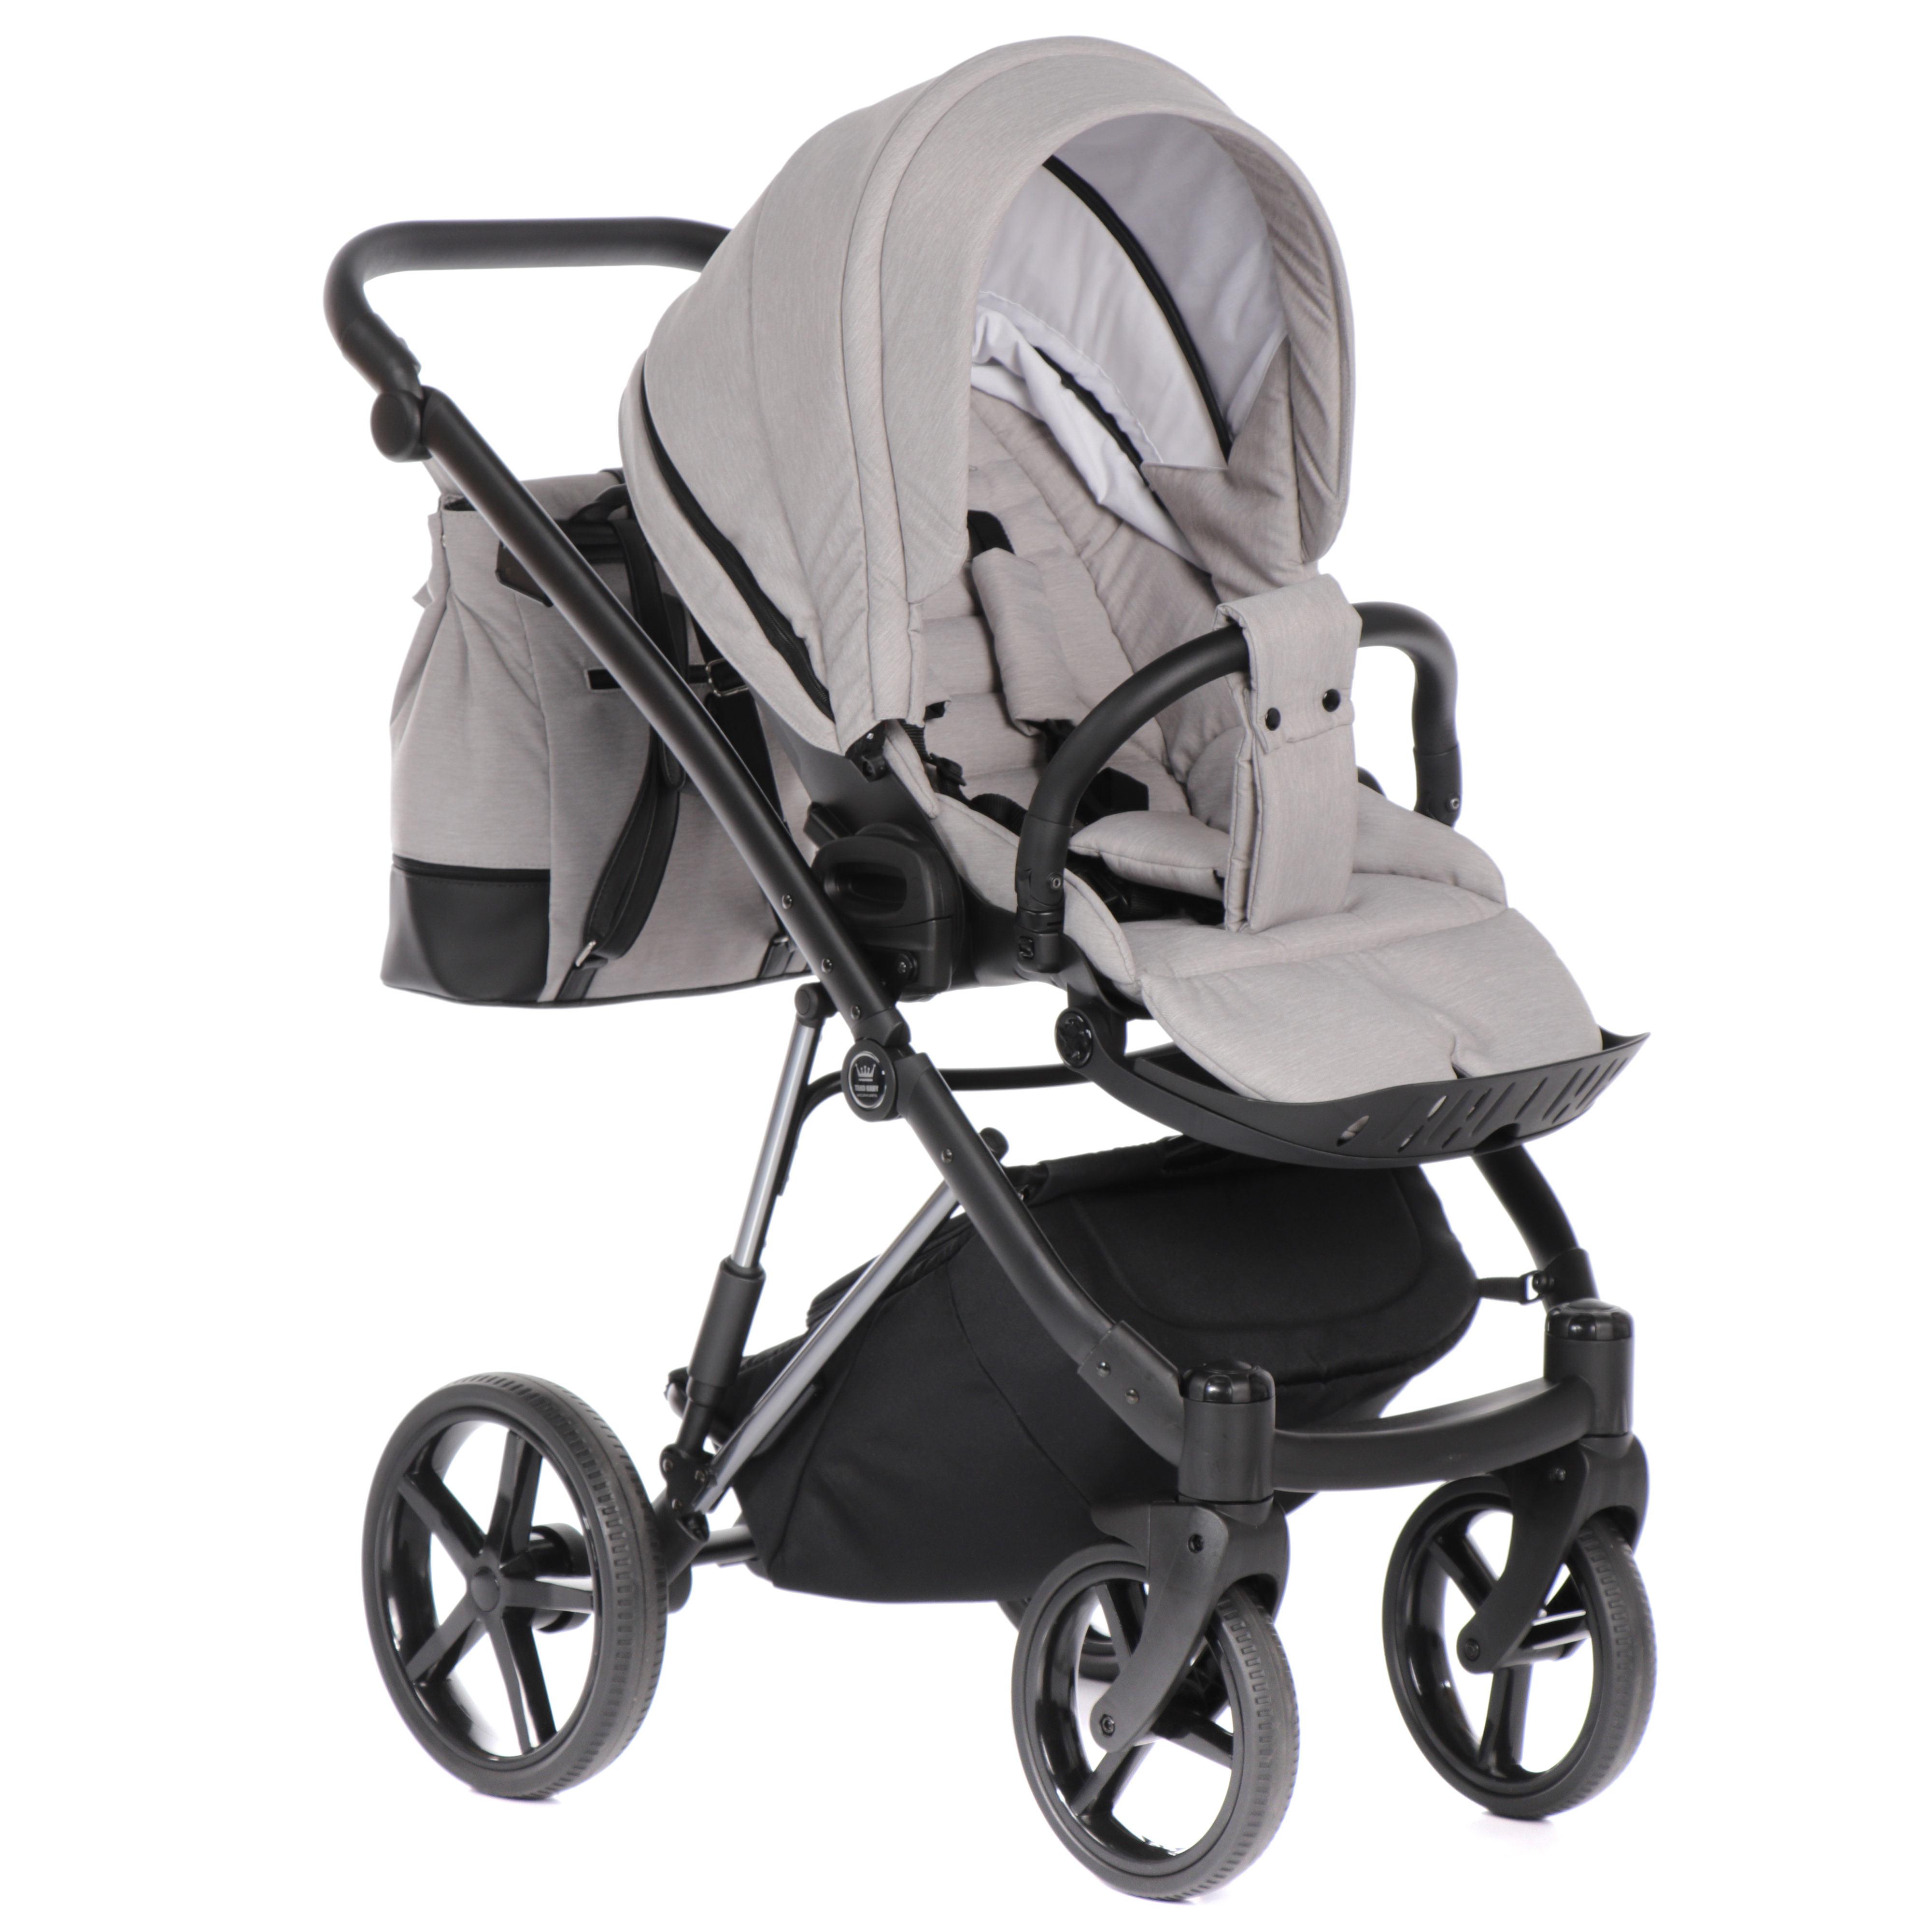 wózek spacerowy wielofunkcyjny Artemo dziecięcy Tako